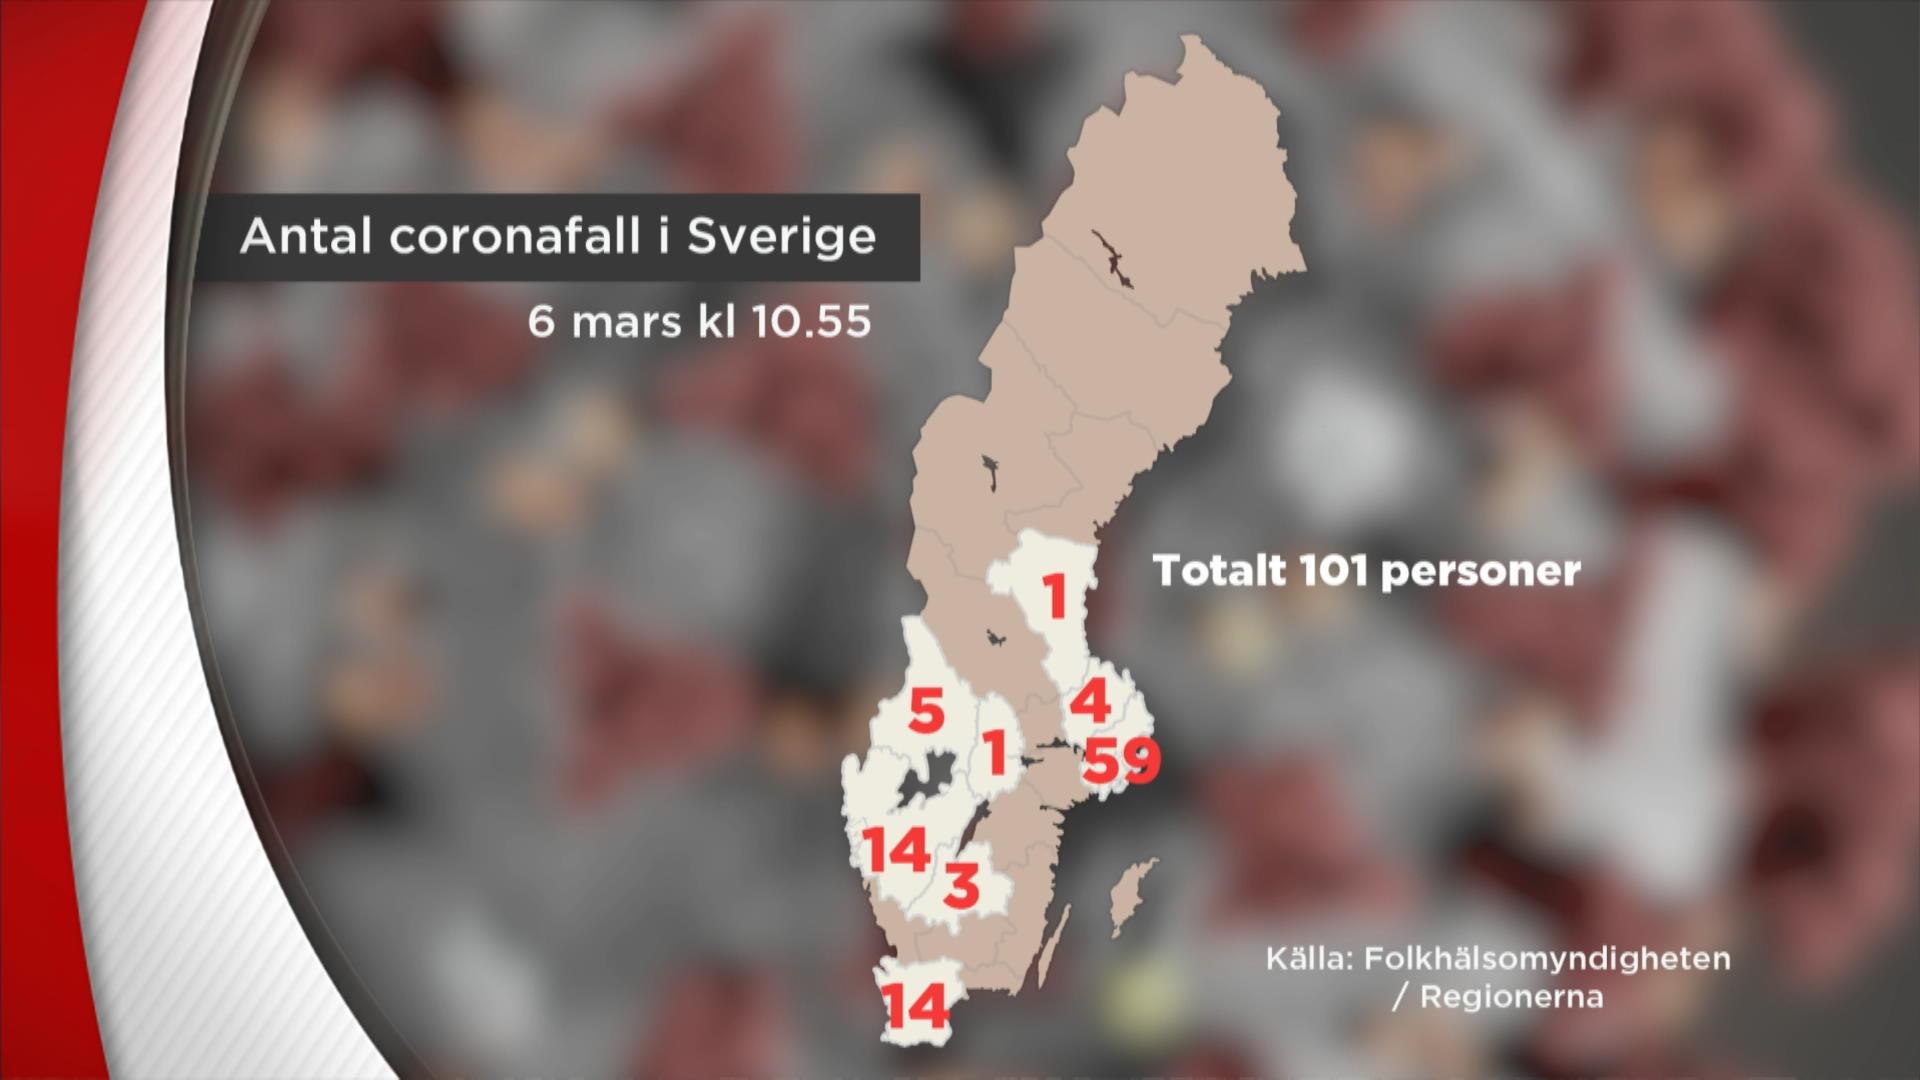 Nyheterna Pa Tv4 Play Over 100 Coronasmittade I Sverige